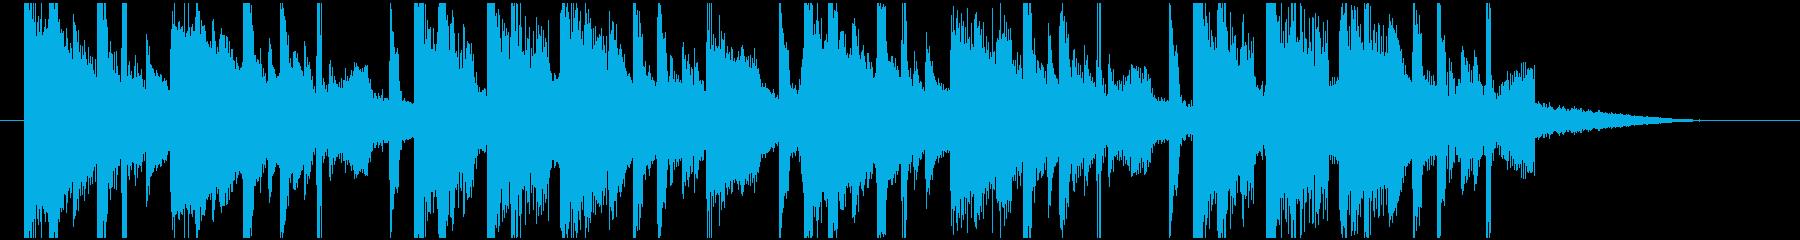 爽やかめフューチャーベースジングル15秒の再生済みの波形